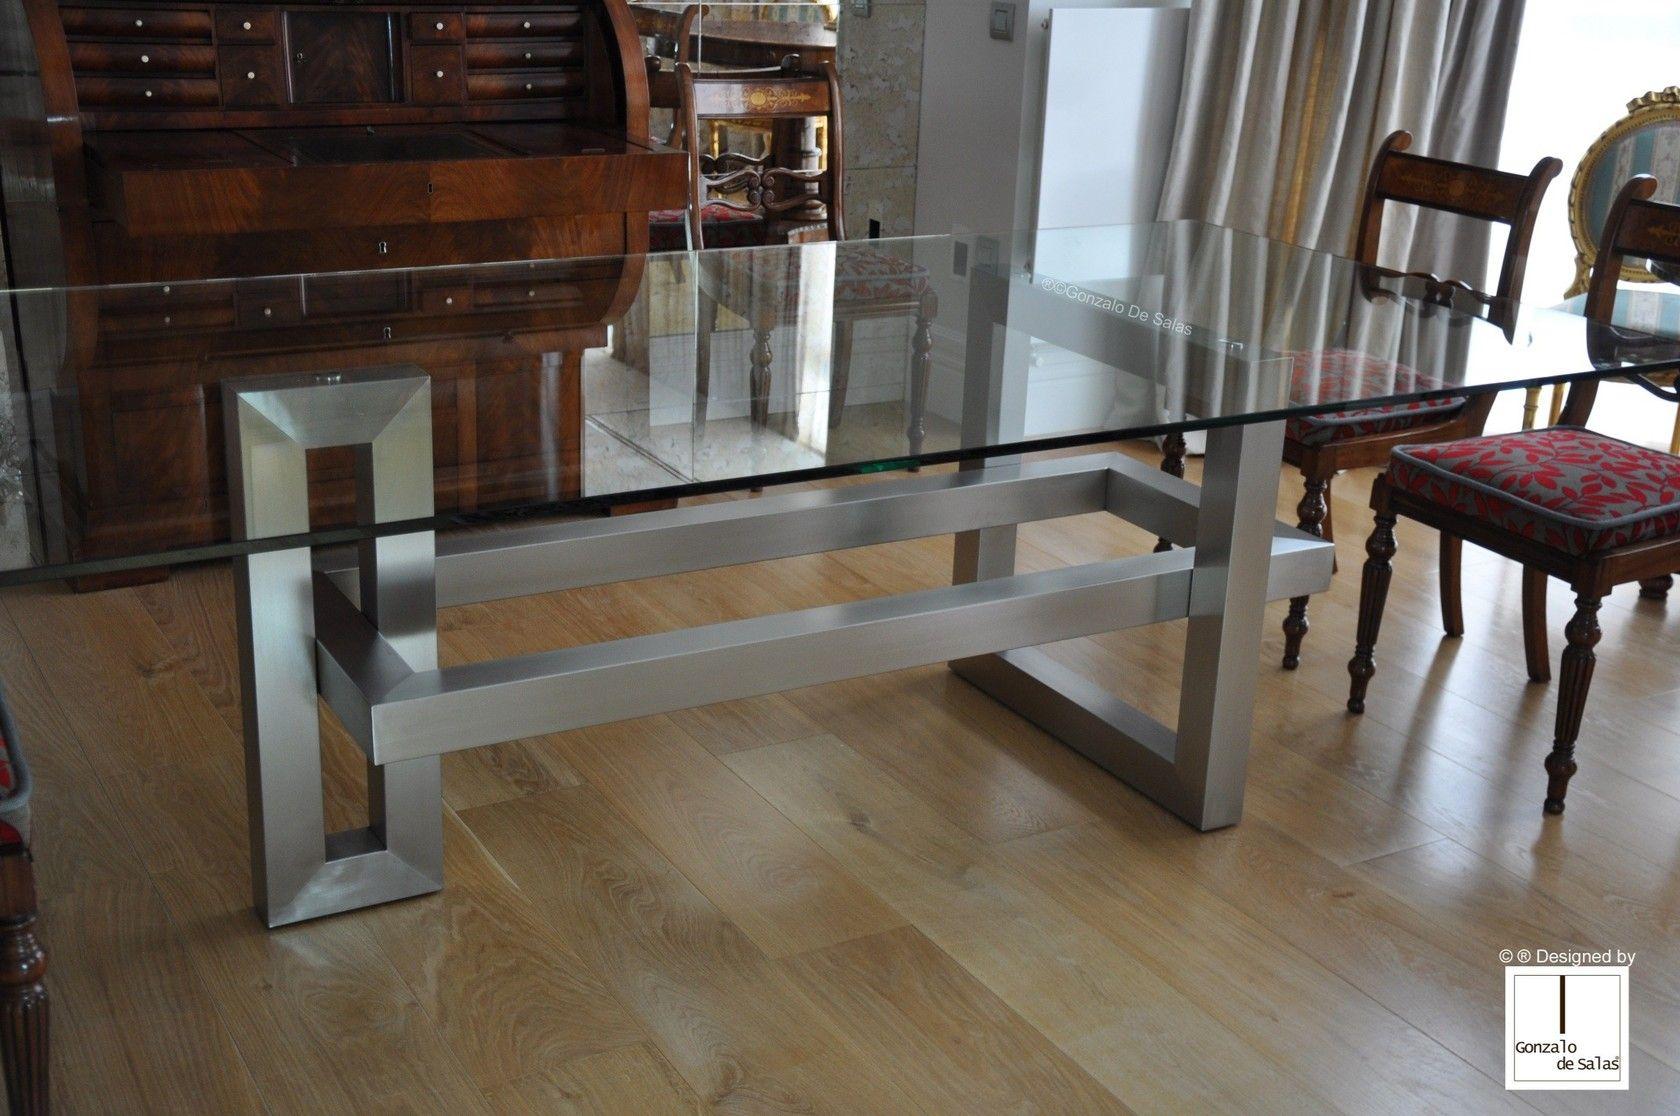 Mesa de comedor rectangular de vidrio ios mesa for Sala comedor comedor rectangular